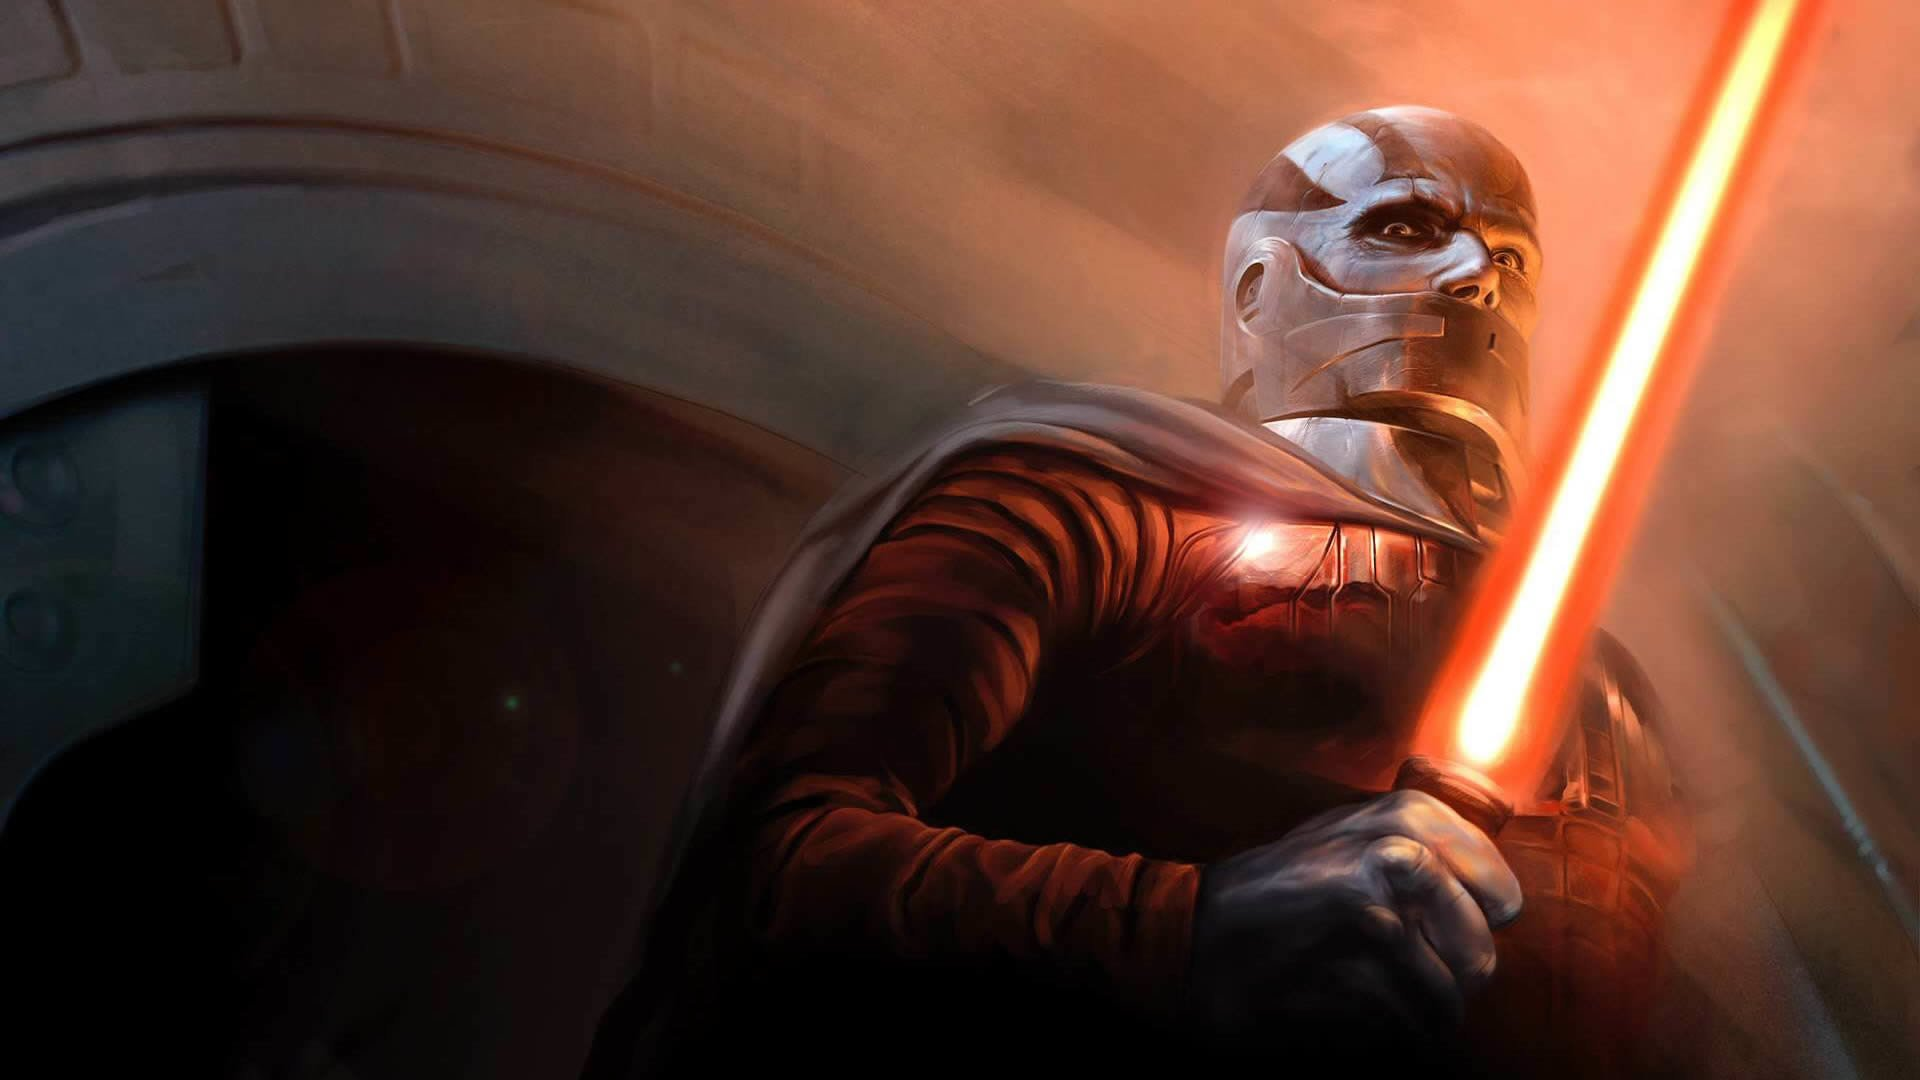 بازی جدید جنگ ستارگان در سبک نقش آفرینی ساخته می شود